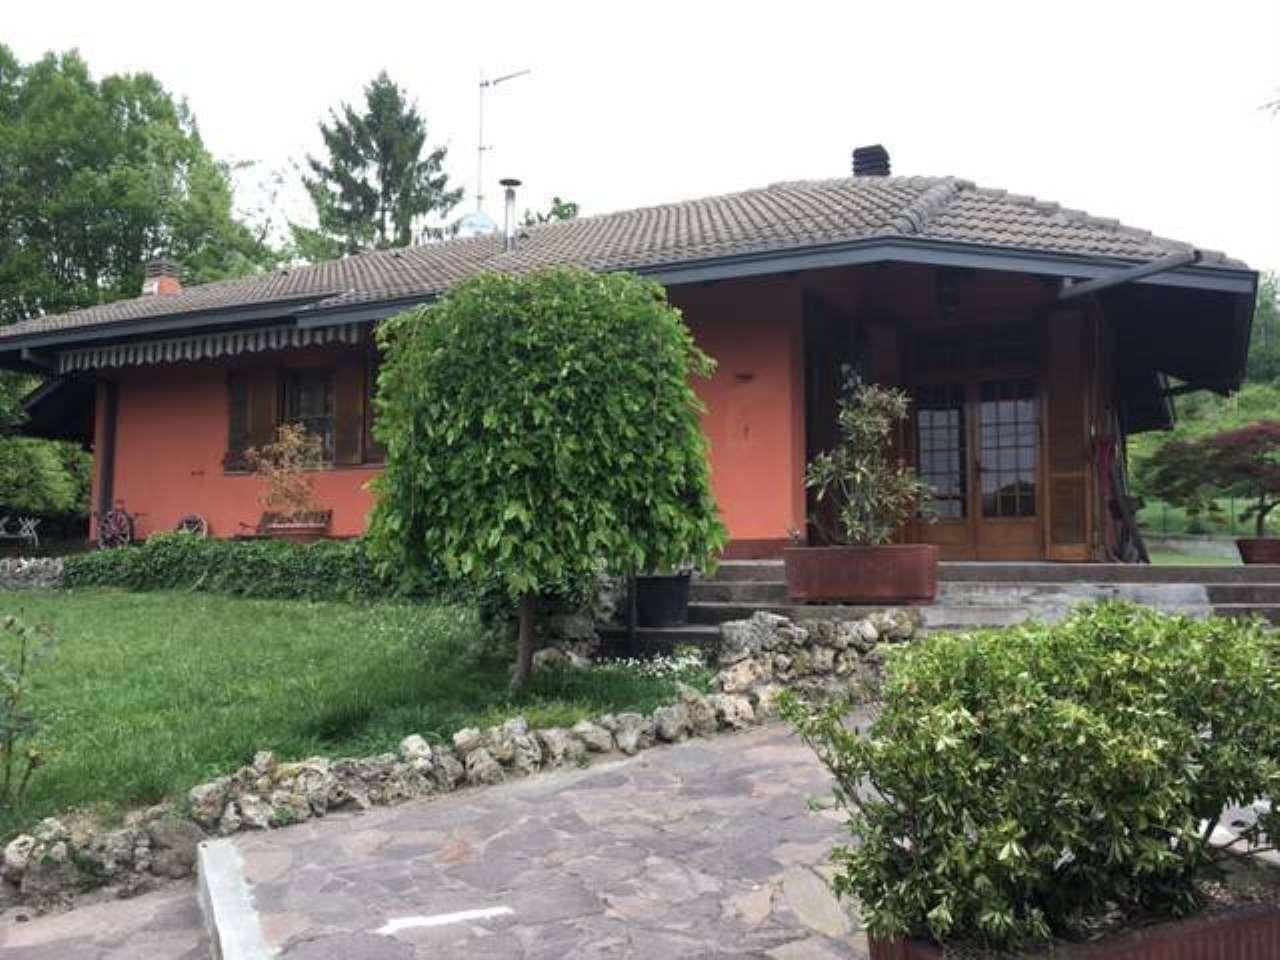 Villa in vendita a Pietra Marazzi, 4 locali, prezzo € 320.000 | CambioCasa.it